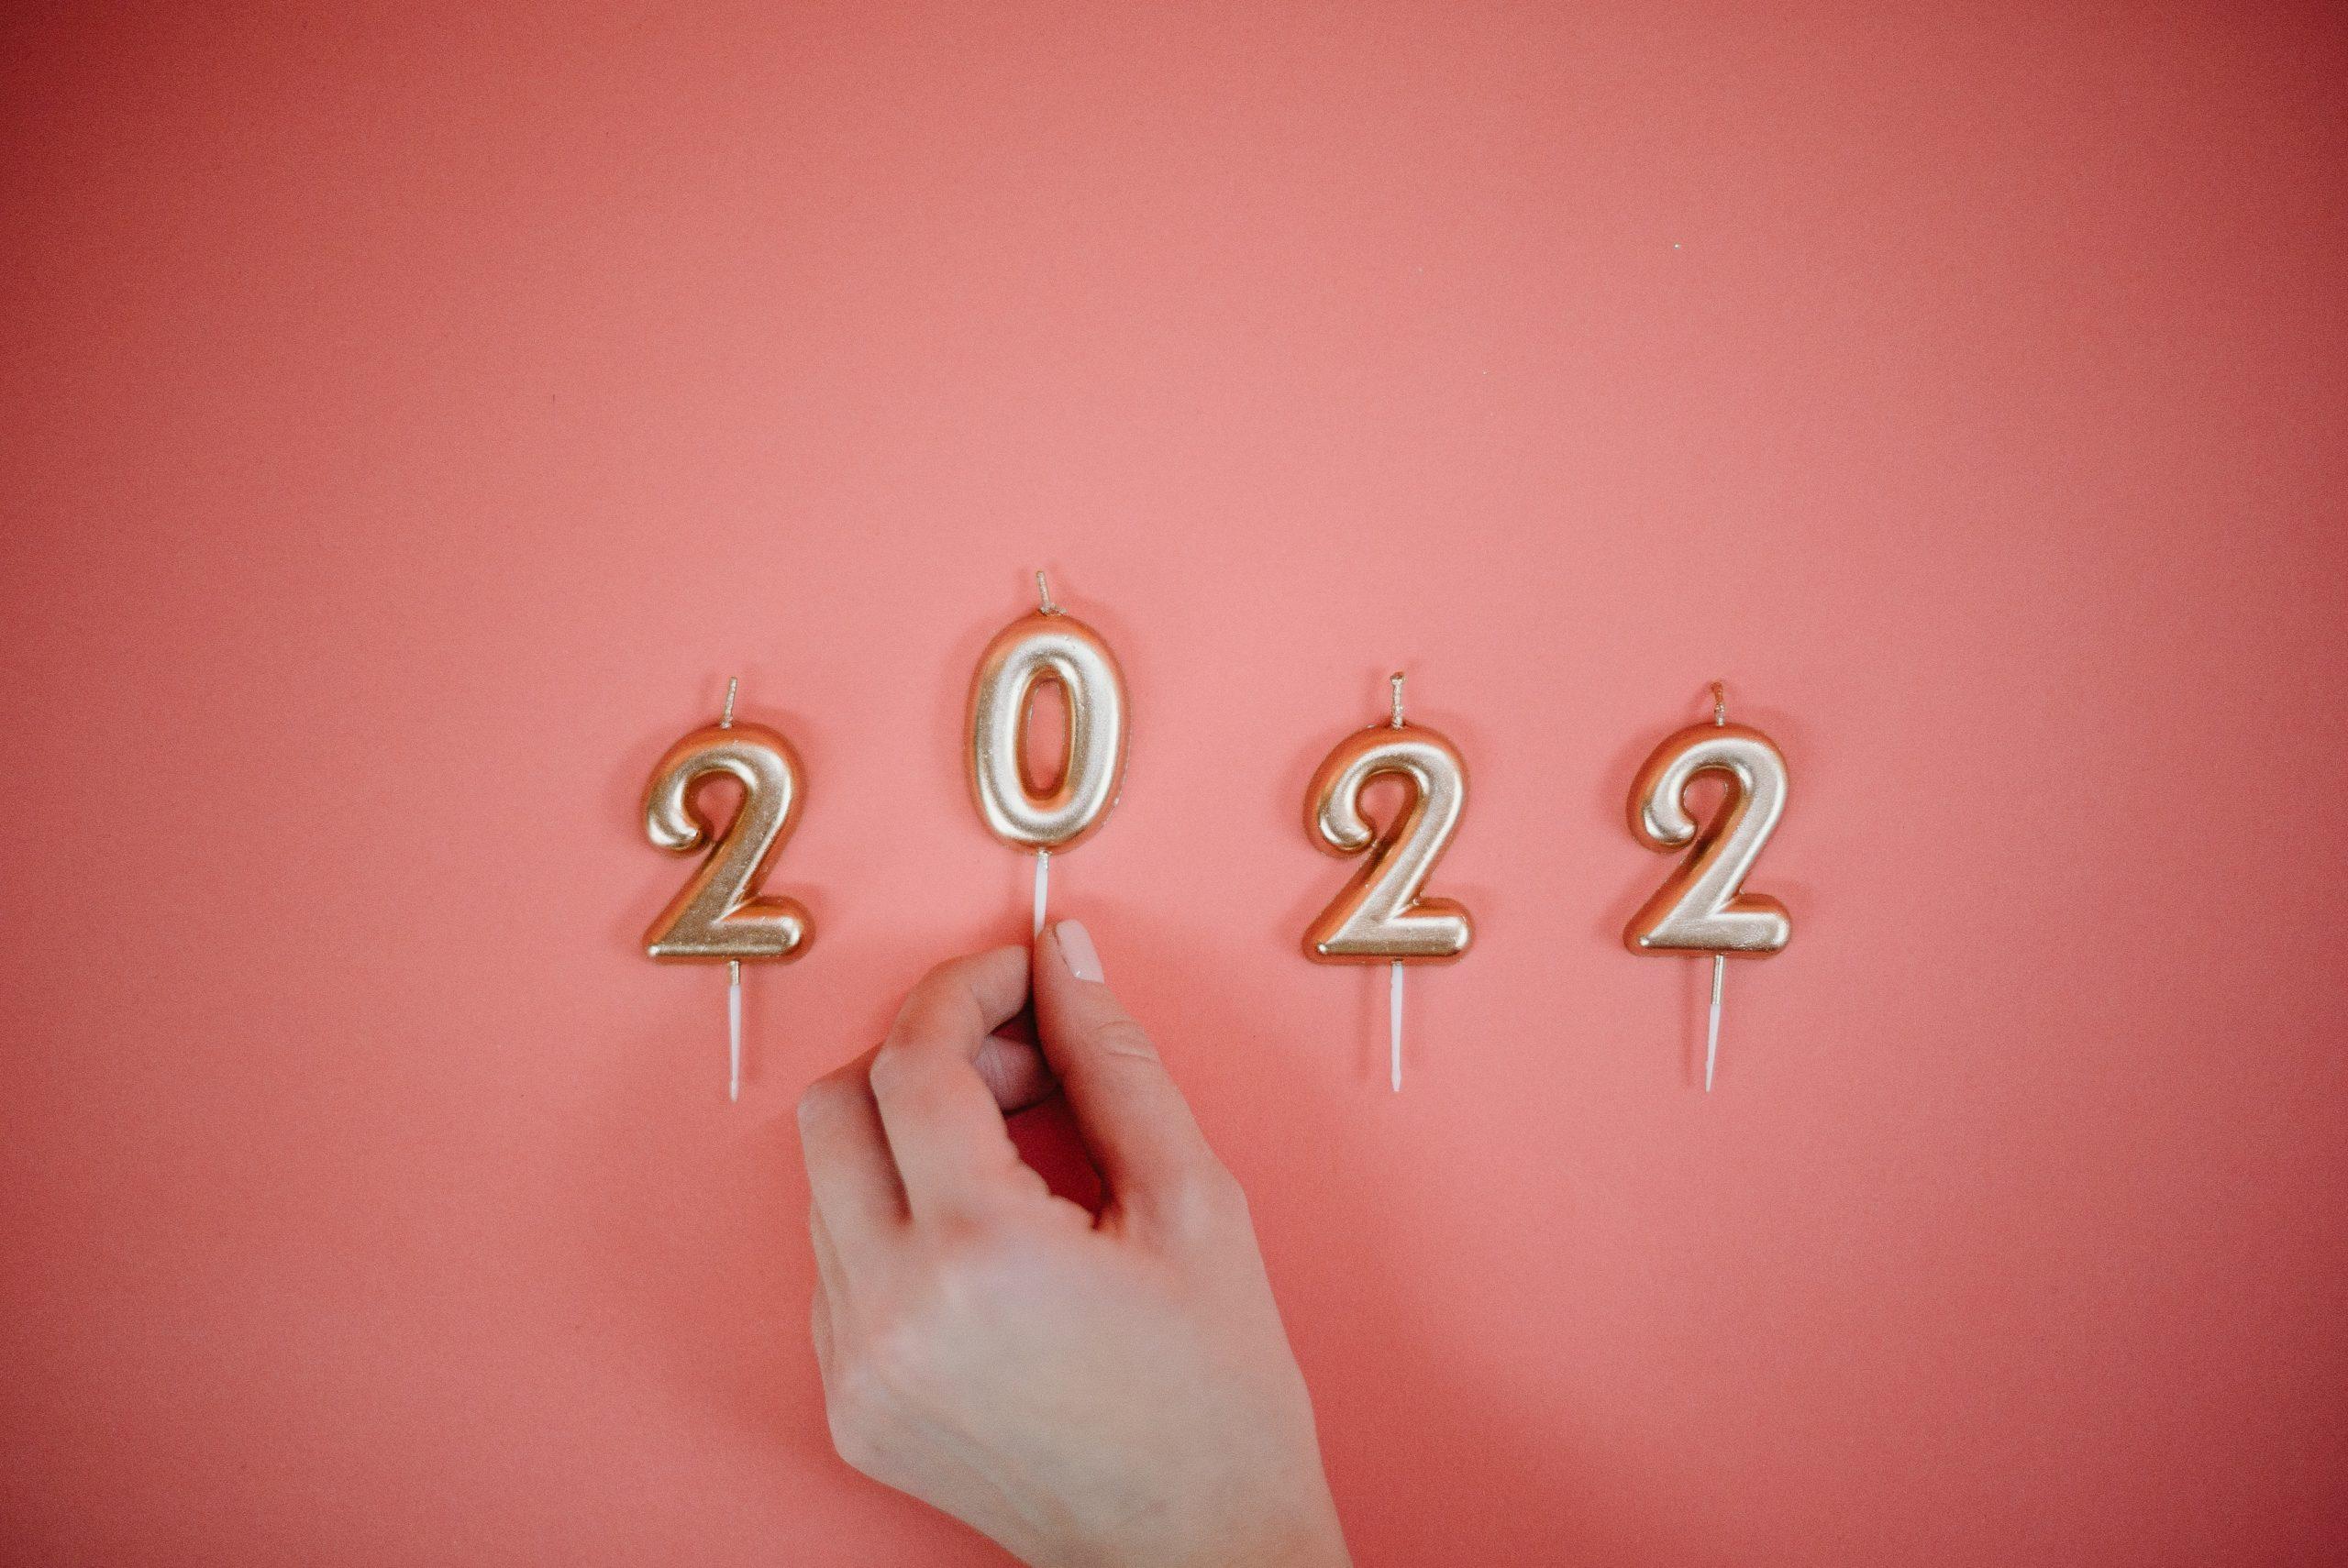 Les vœux d'entreprise, temps fort annuel de votre communication de marque